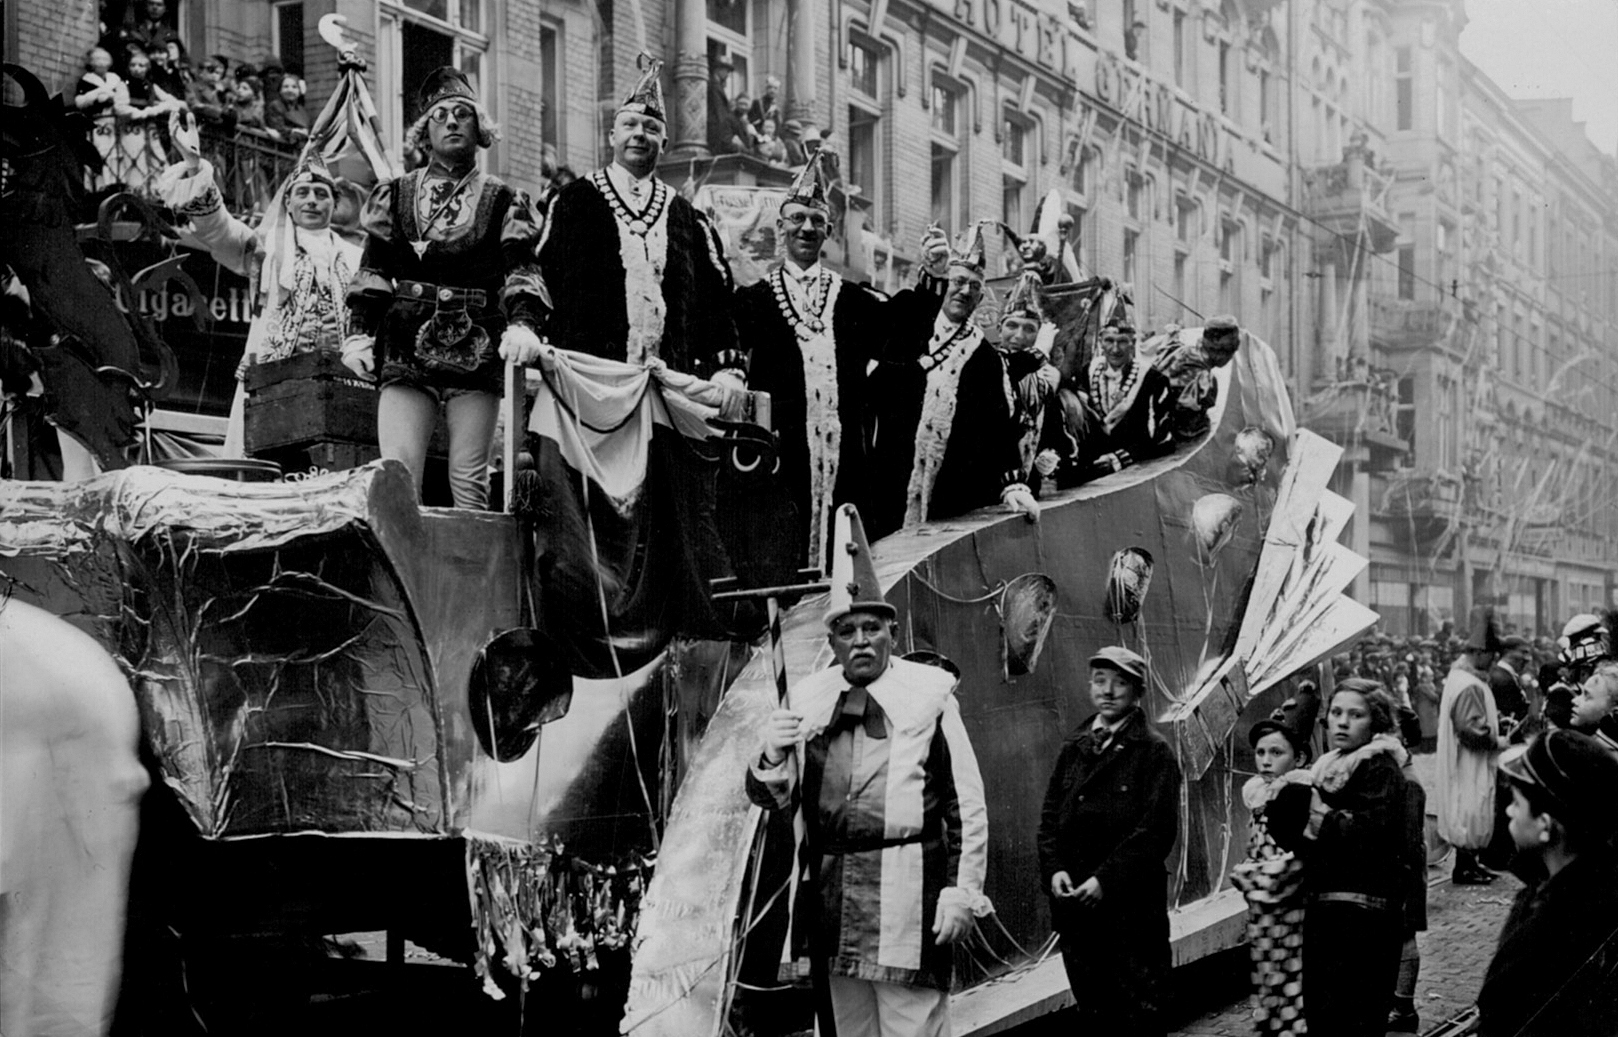 Grosse 1890 Rosenmonntagswagen 1935 Düsseldorf